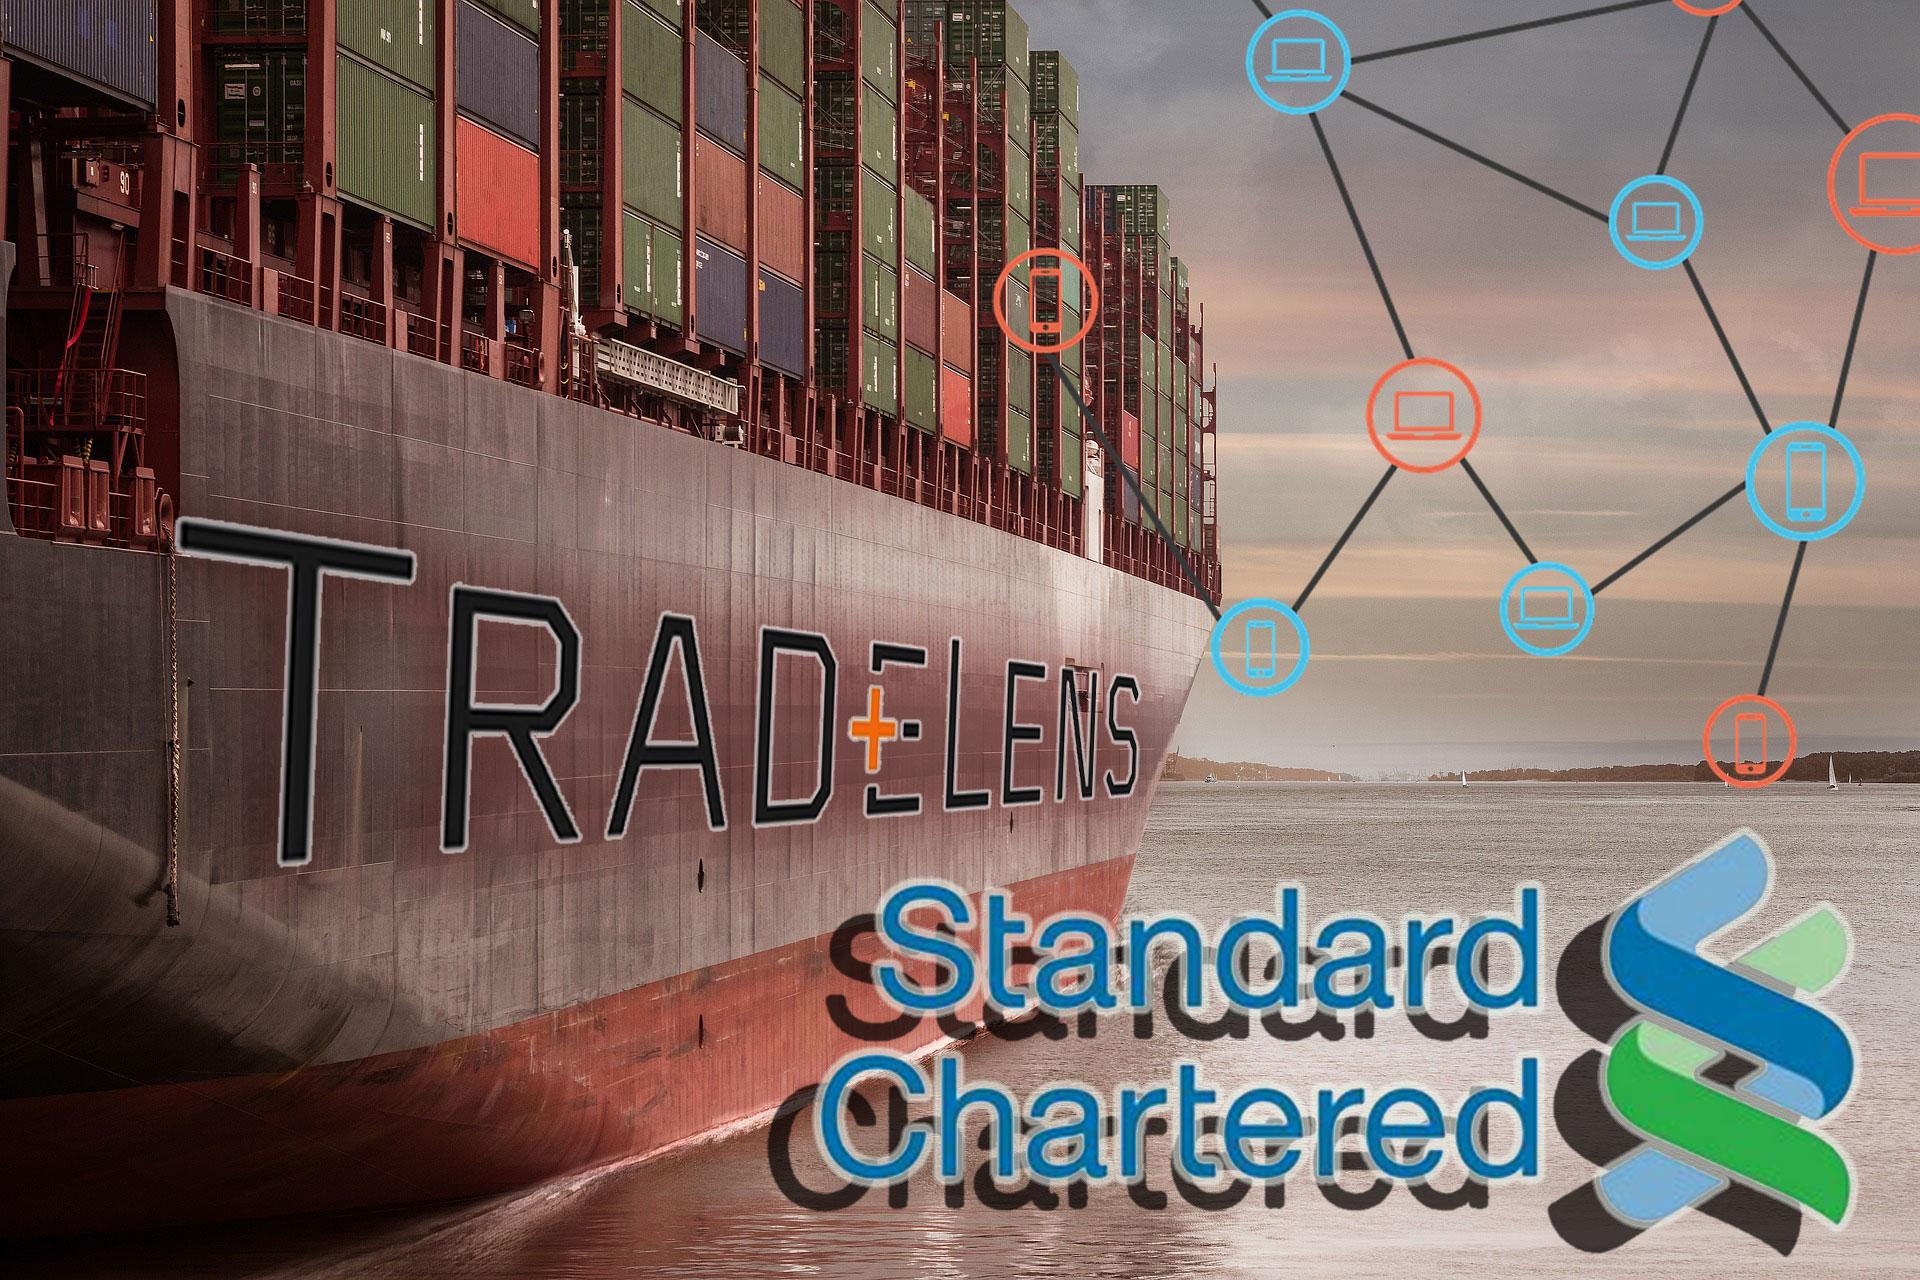 英スタンダードチャータード銀行が、海上物流のブロックチェーンプラットフォームに参加